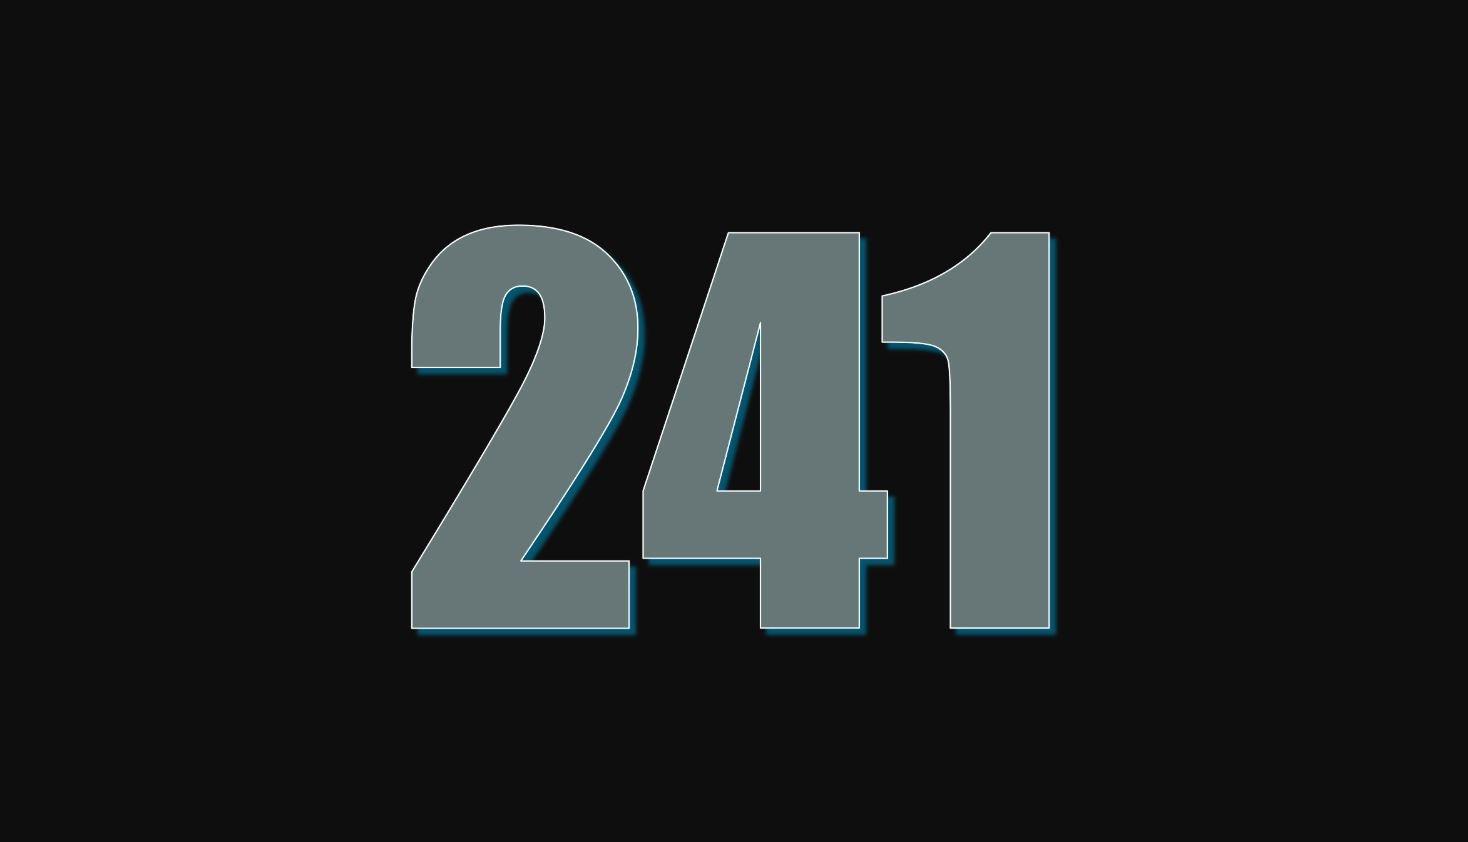 Significado del número 241